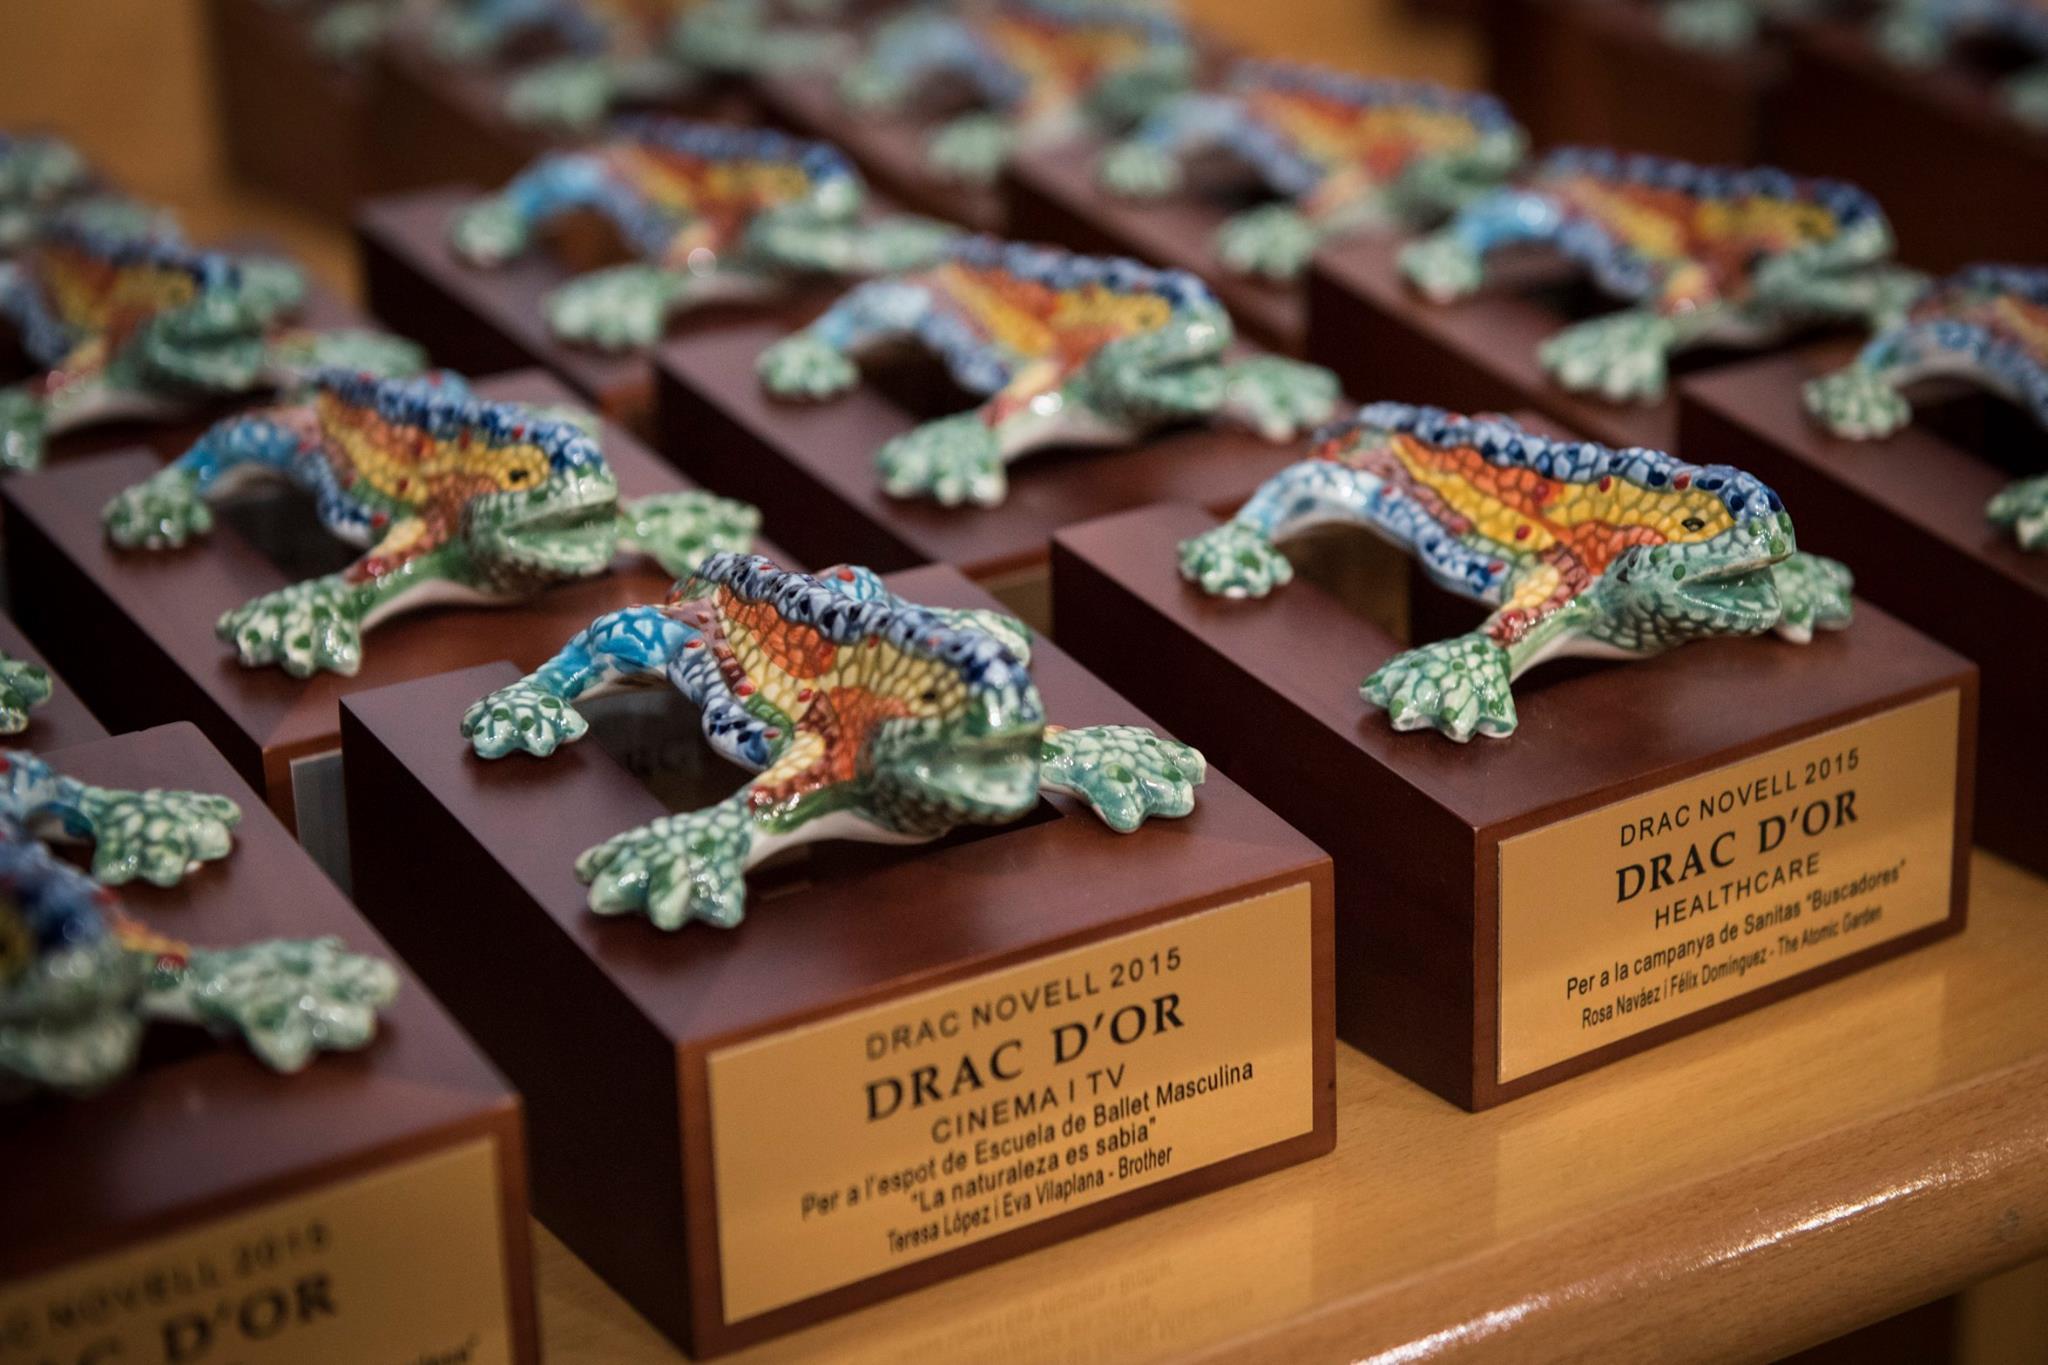 Innuo sponsors 2015 Drac Novell Awards